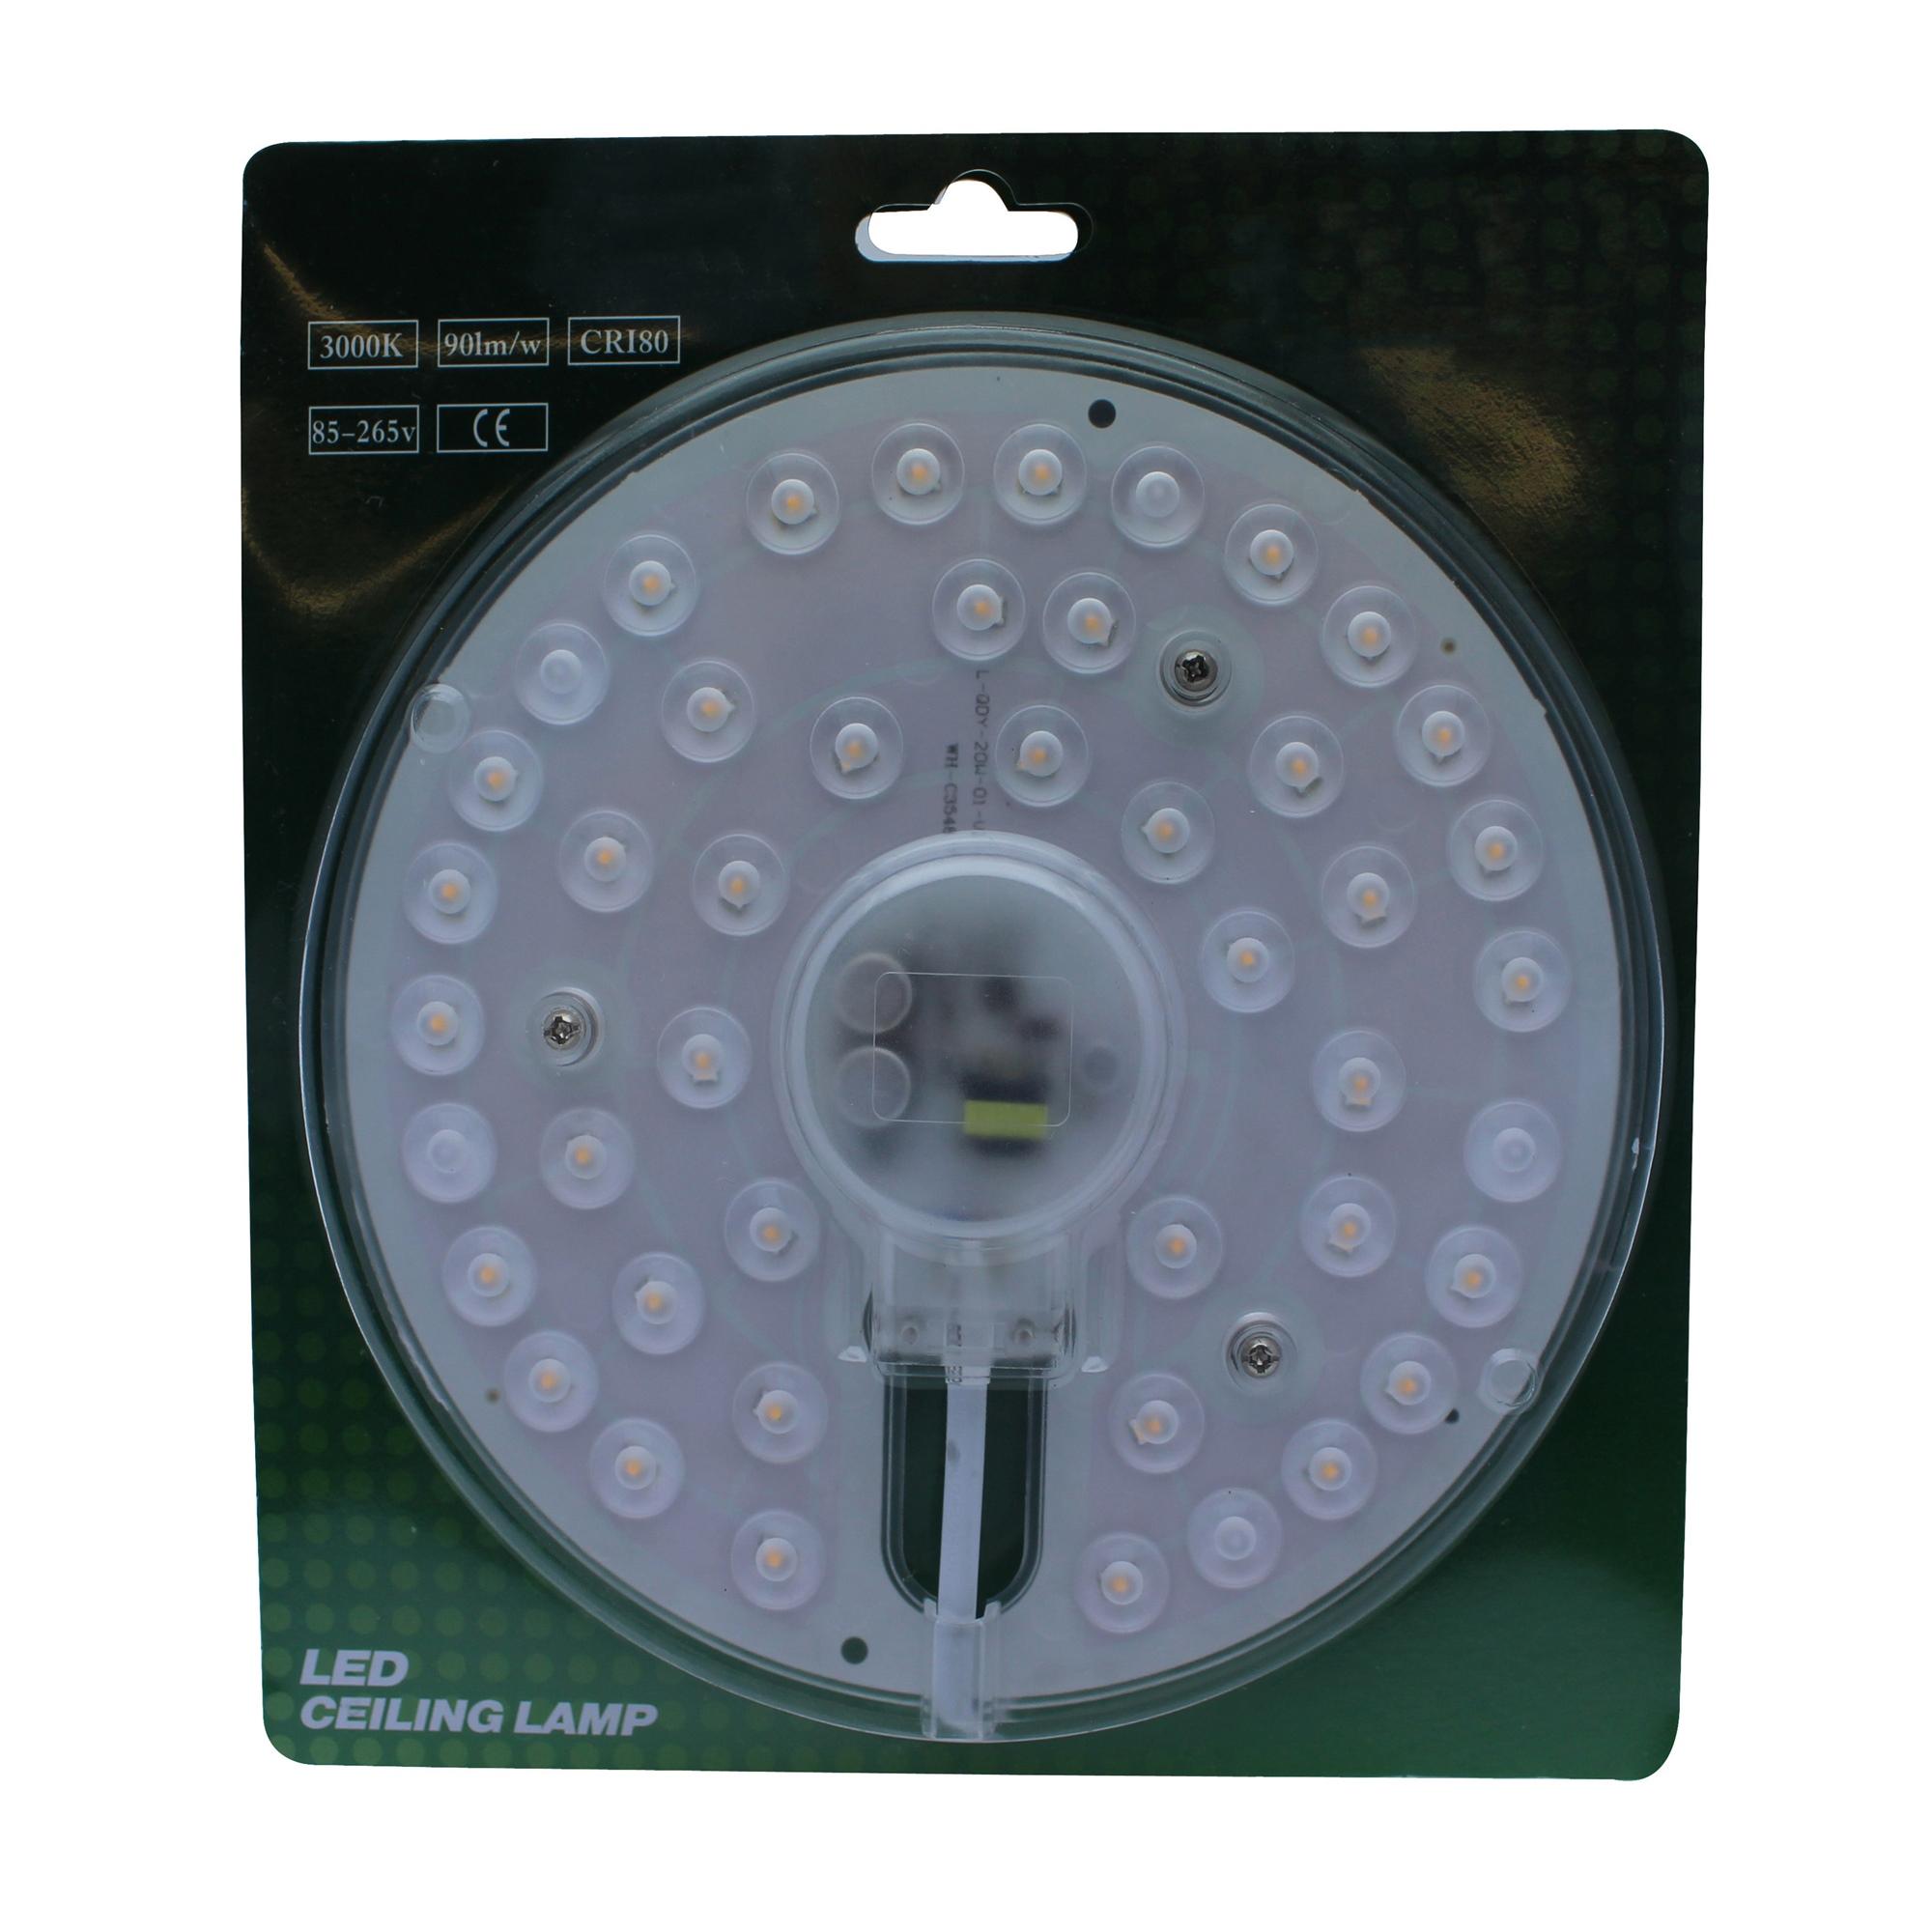 Lampenlux Plato LED Platine Rund Umrüstmodul 230 V 1800 Lumen warmweiß Ø 18 cm Magnethalterung 3 cm flach